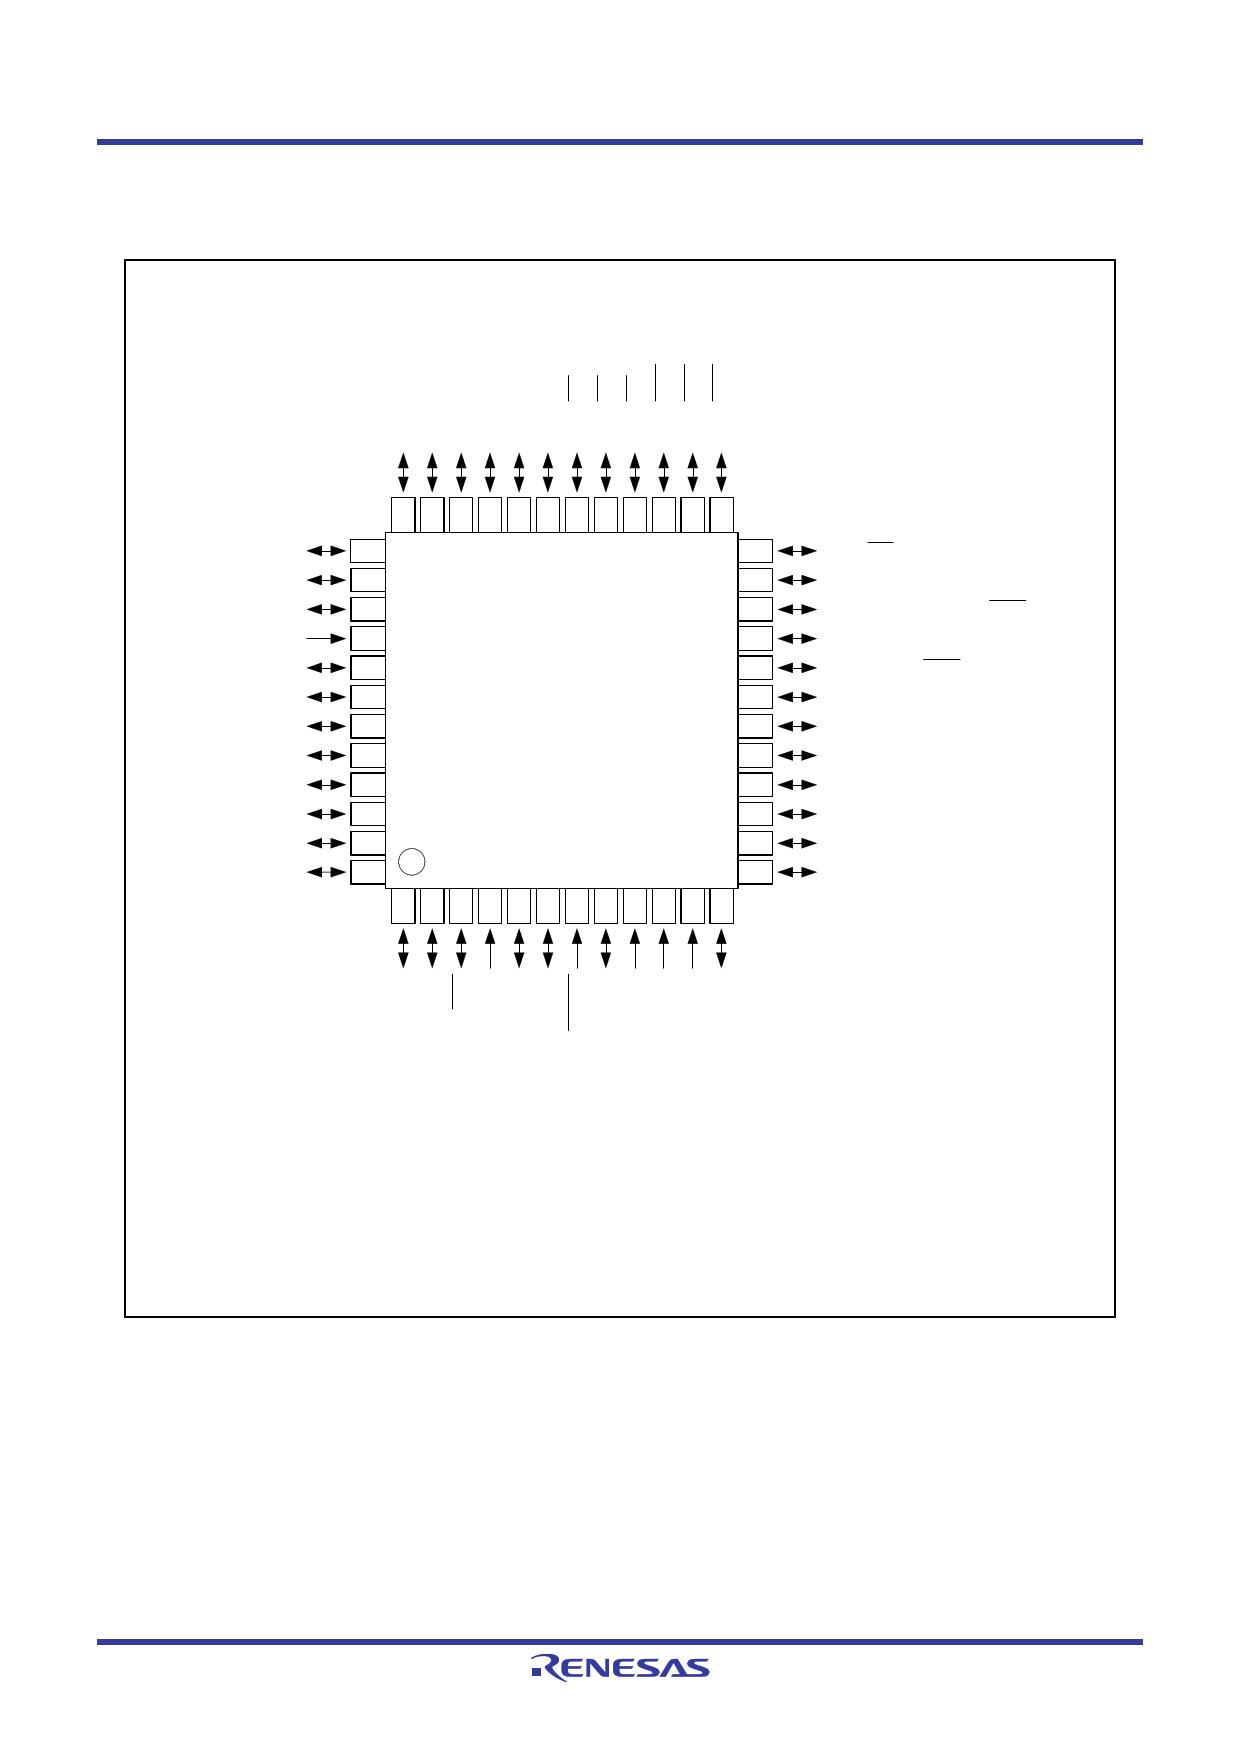 R5F2123AJFP 전자부품, 판매, 대치품